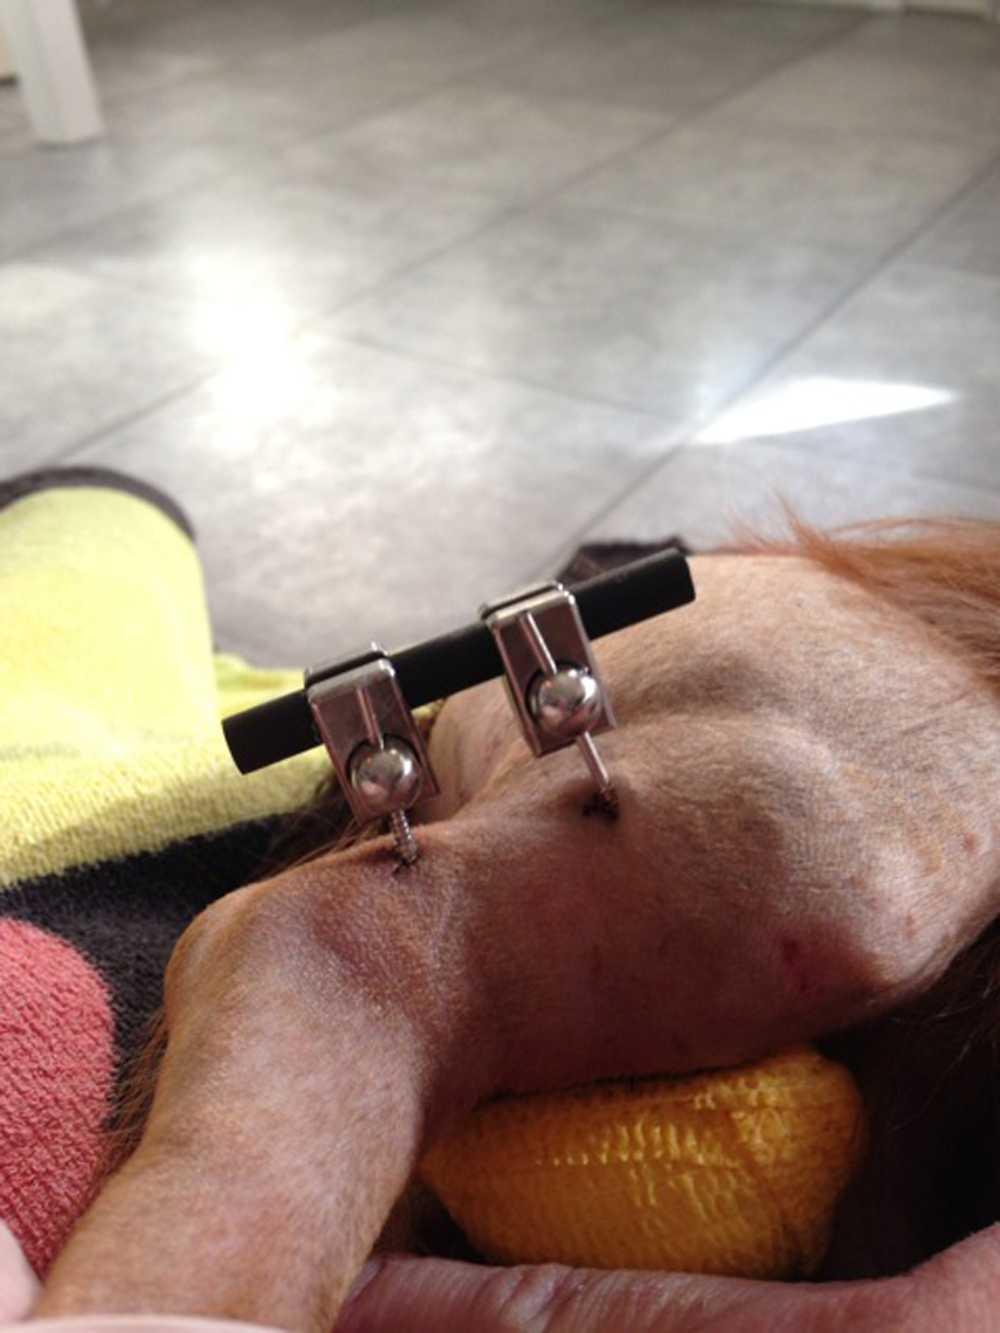 Efter operationen väntar Qasanova på att ny benmassa ska bildas. Under tiden måste Qasanova ha en stålställning som fixerar benet.